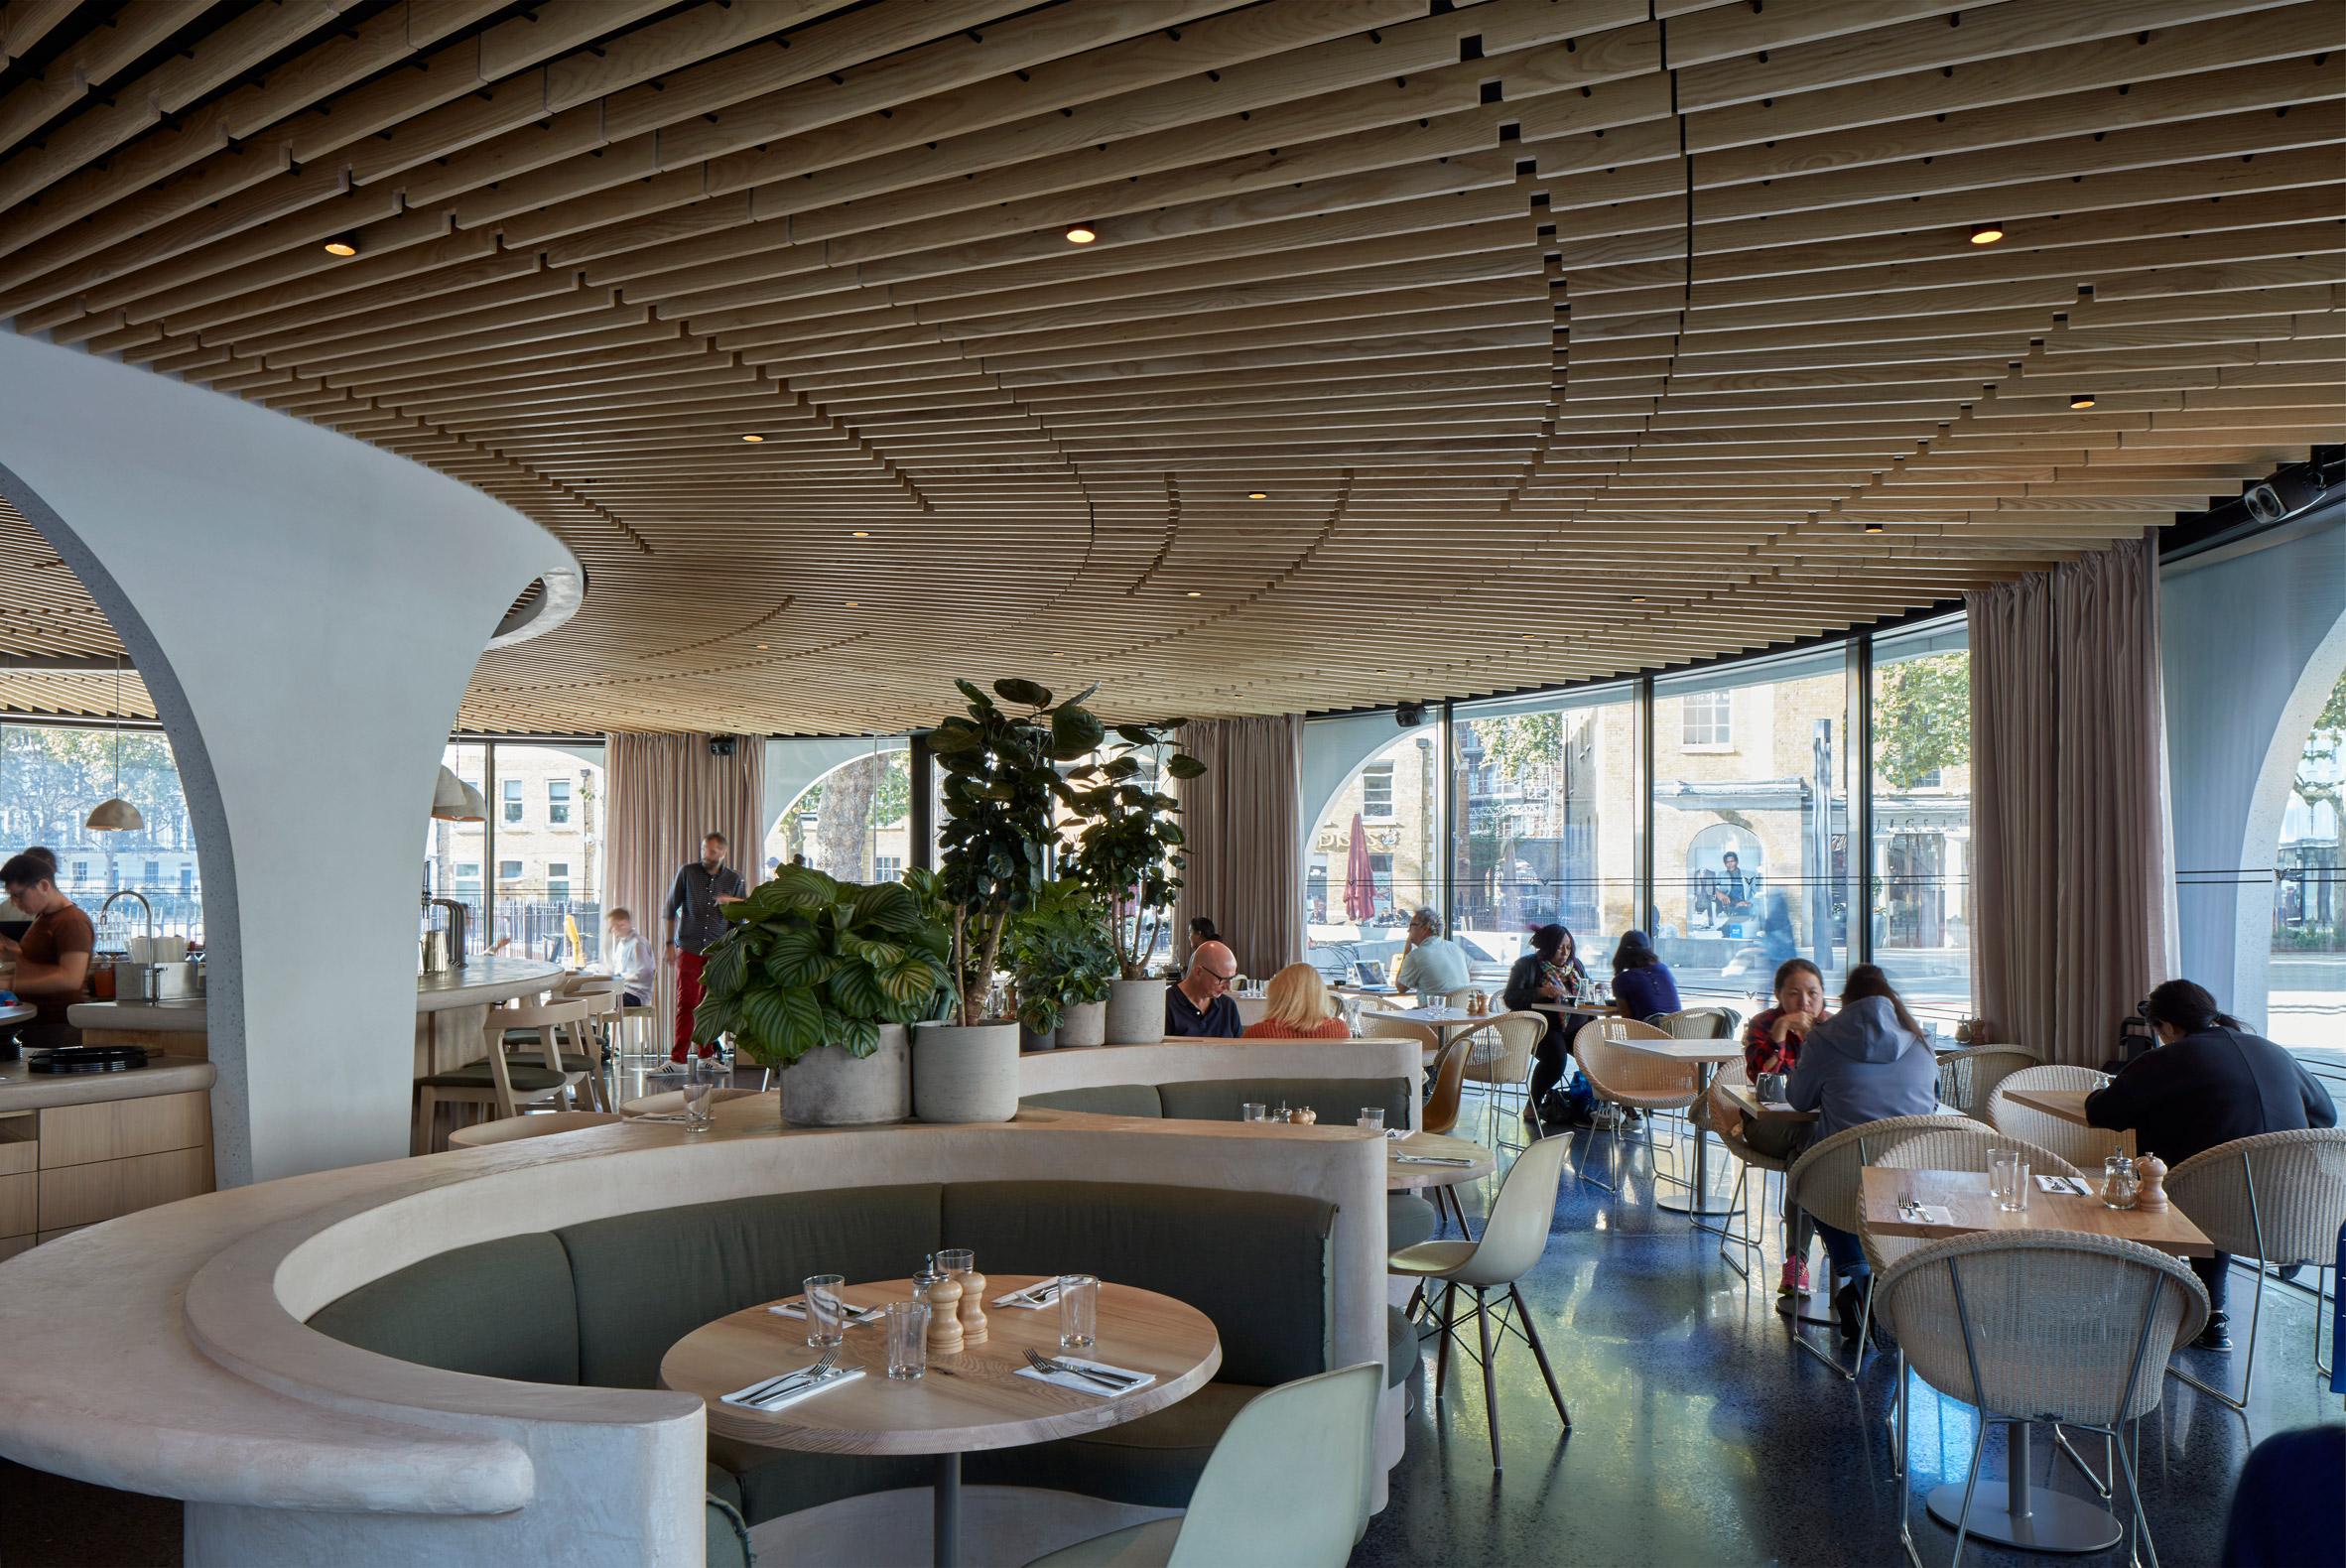 Thiết kế quán cafehiện đại 3